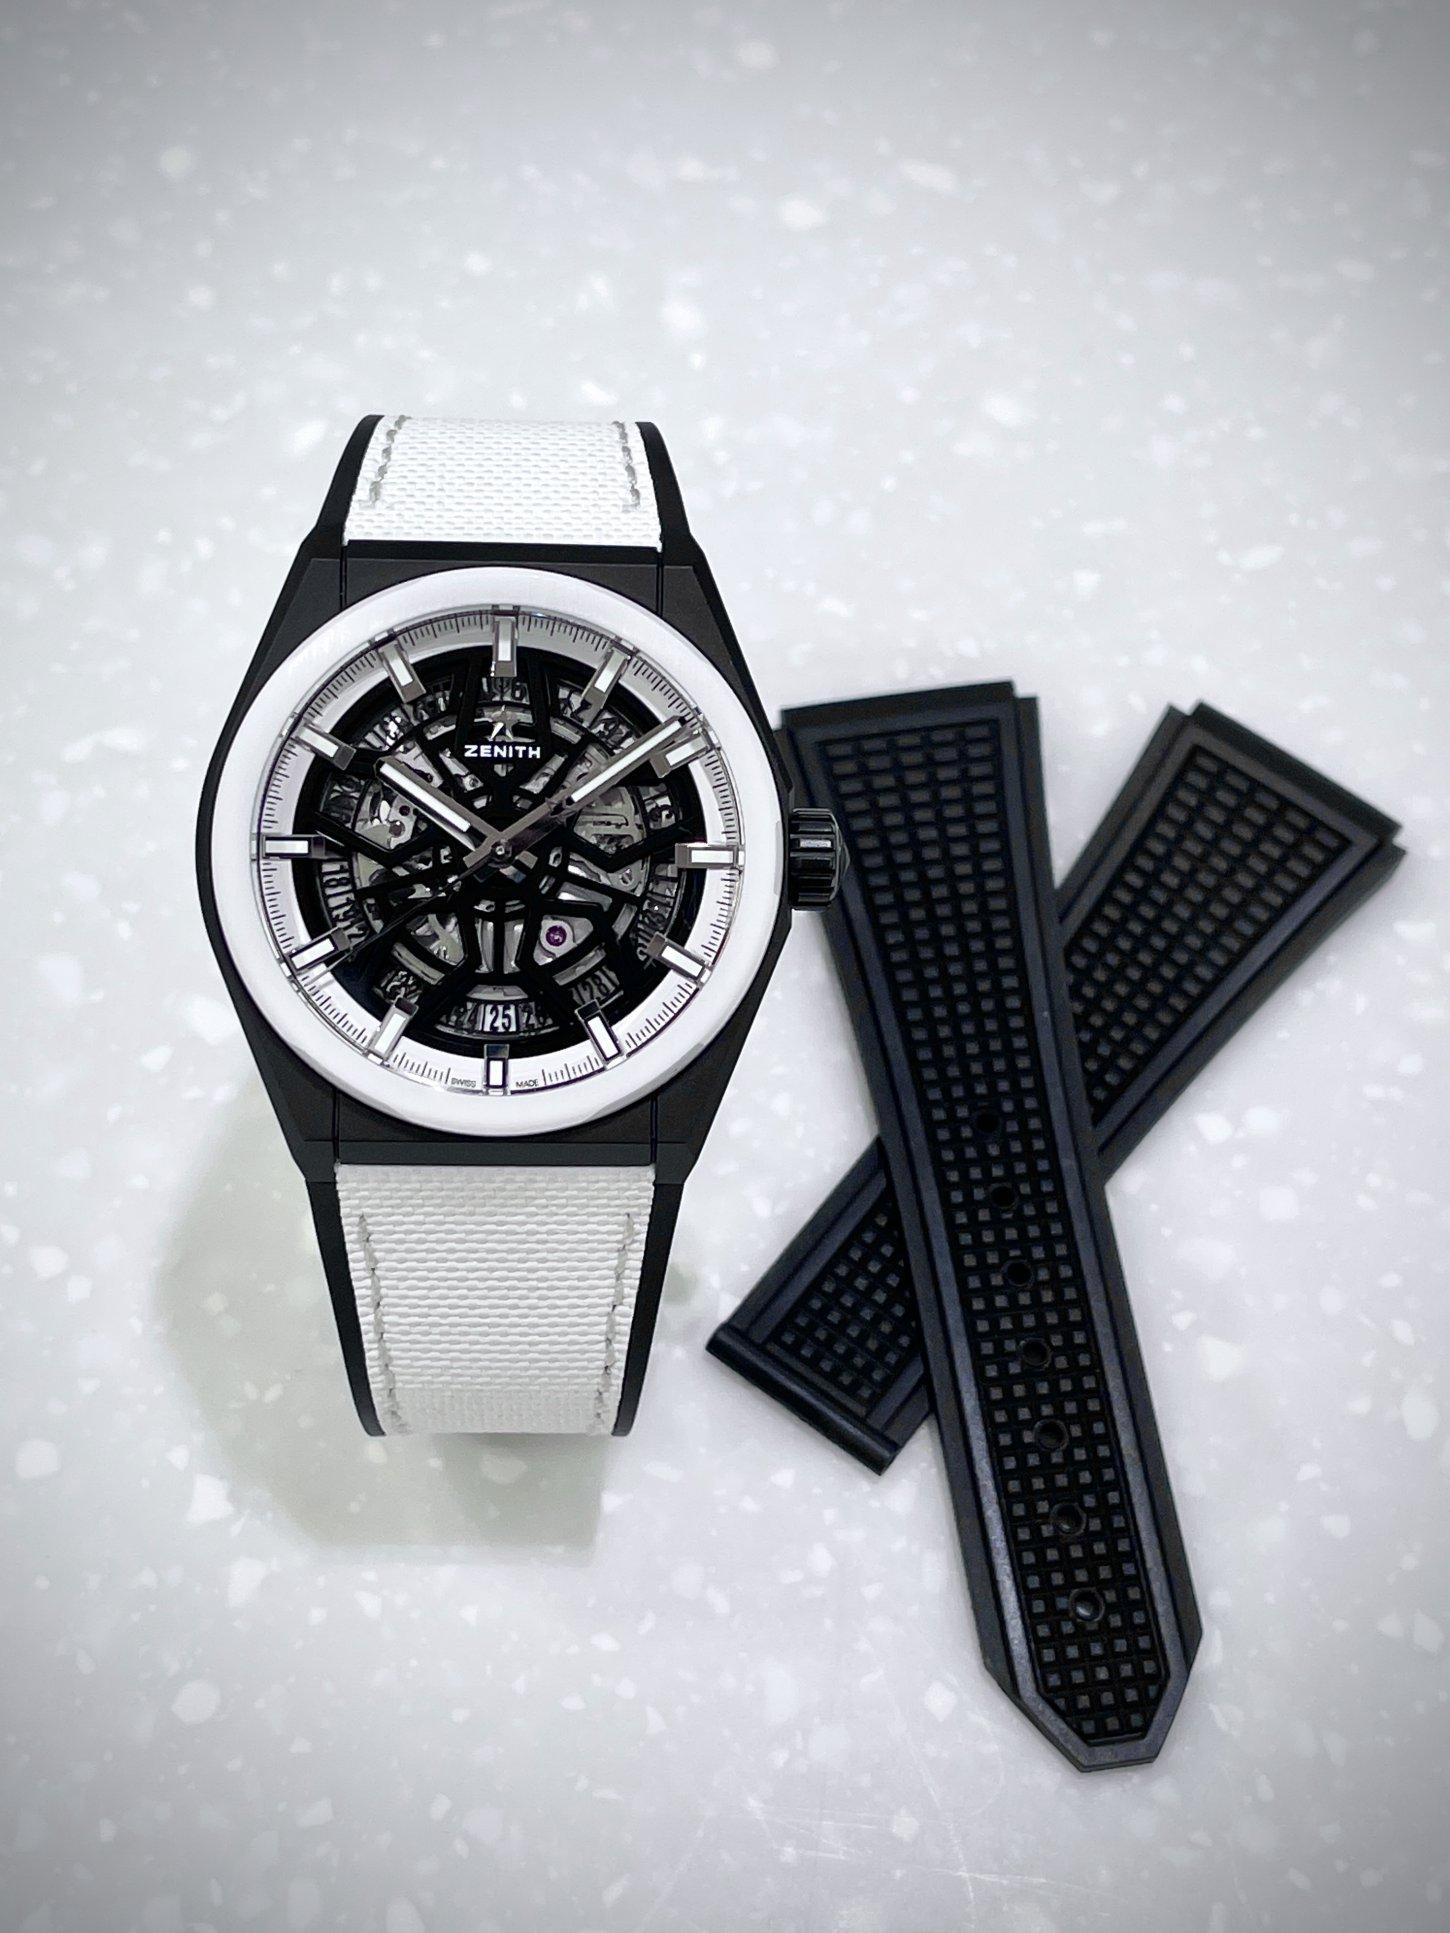 ブラック&ホワイトの絶妙なバランスが美しい一本!!『デファイ クラシック ブラック&ホワイト』 - DEFY |A43187C5-478F-4201-9FED-5DABF1FAD5AD